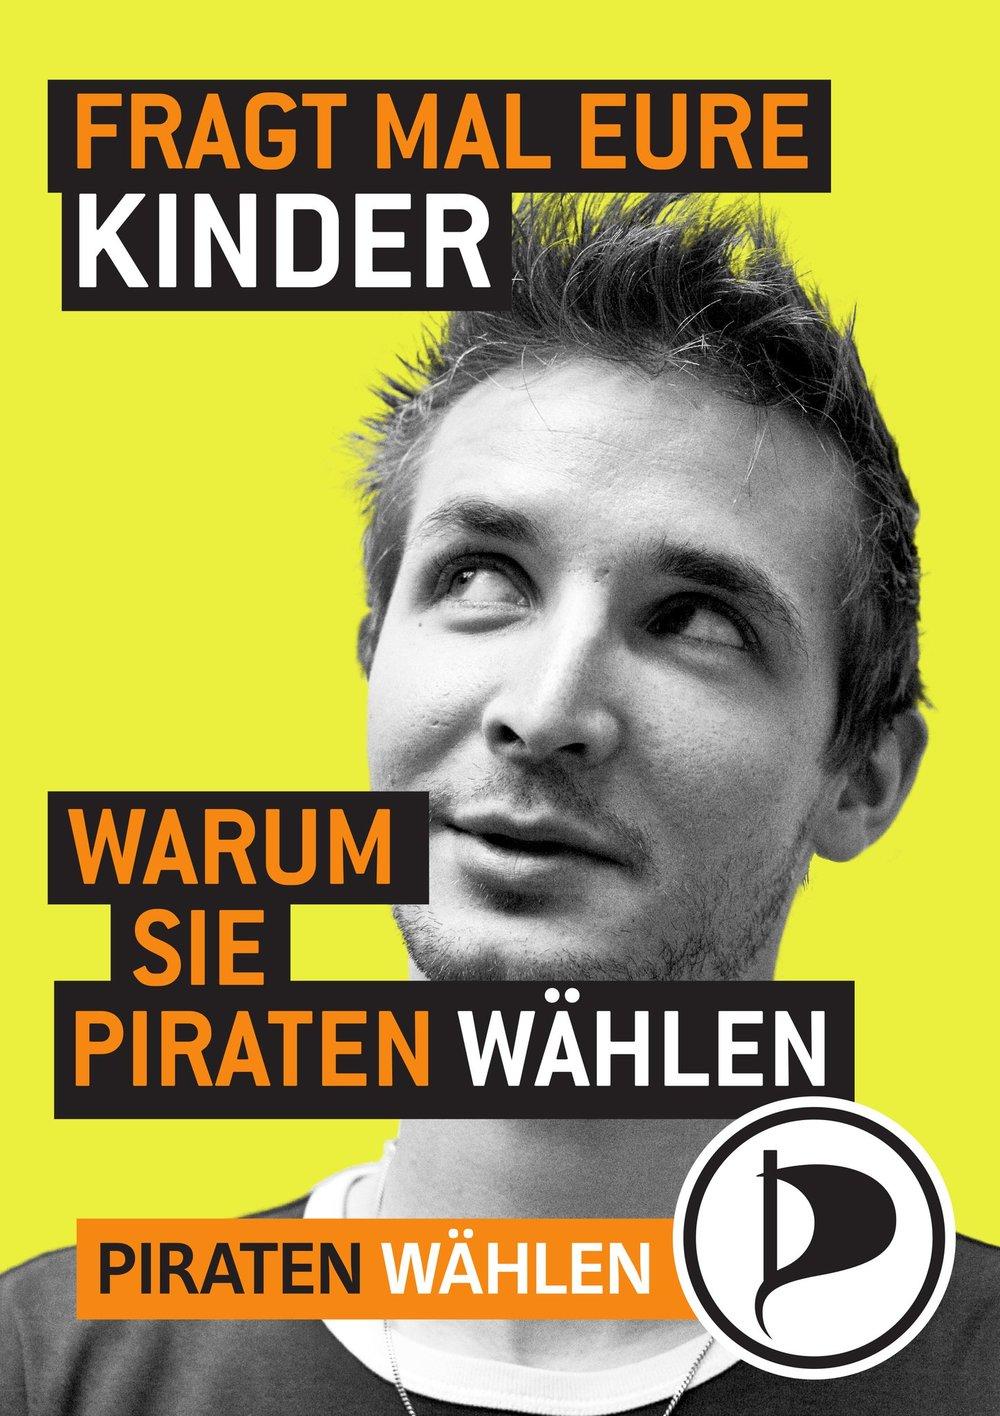 berlinplakat.05.jpg